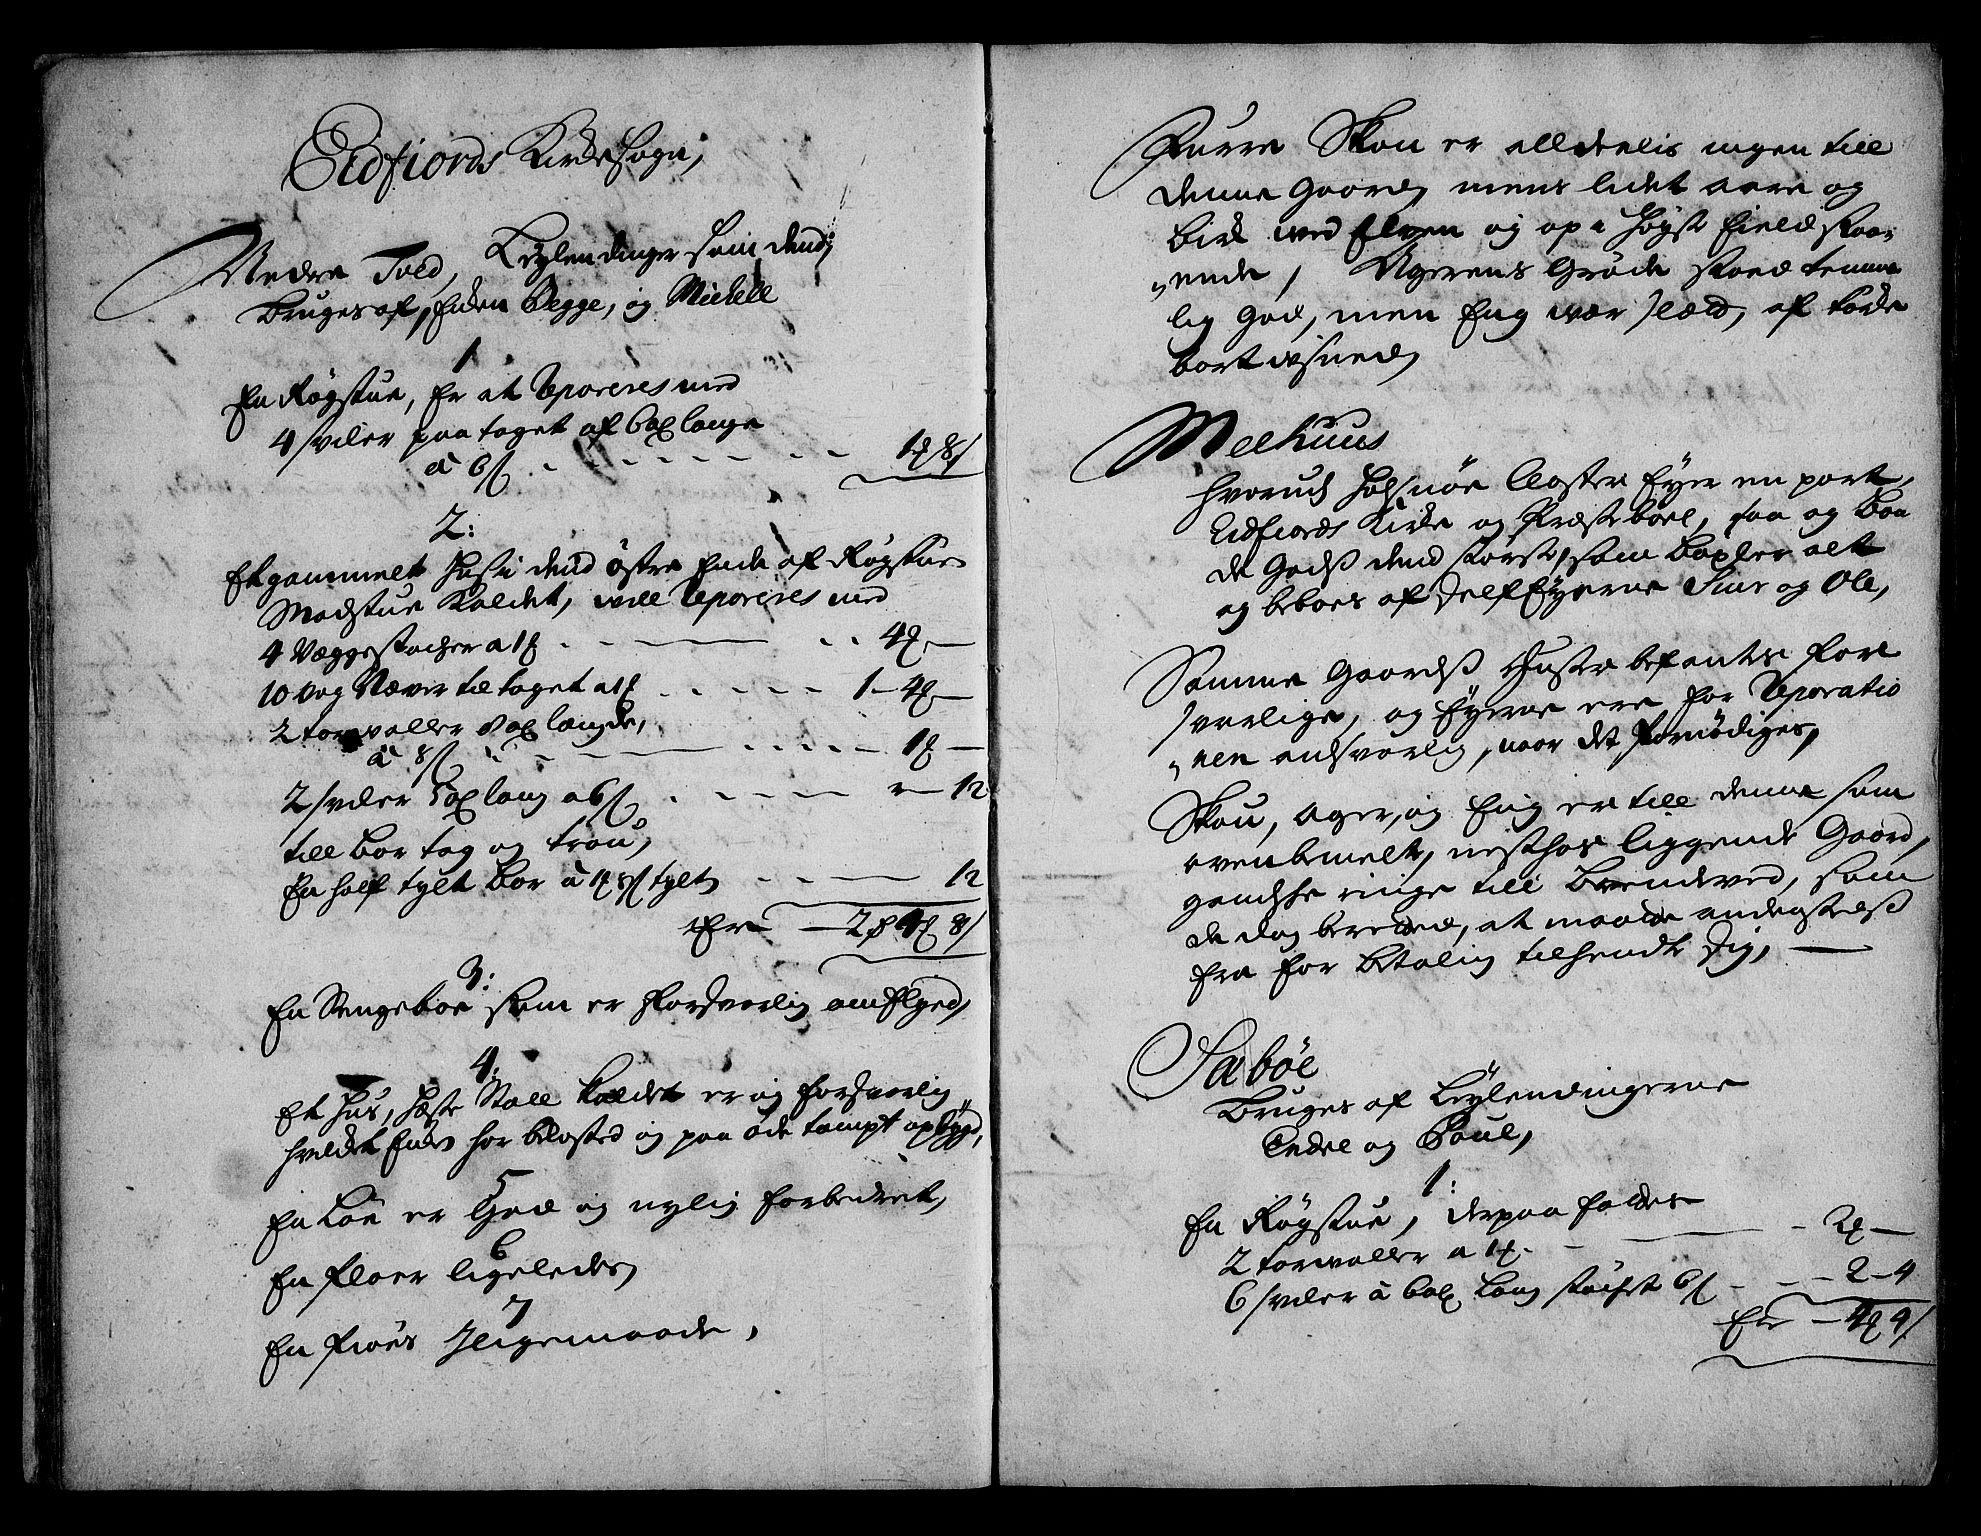 RA, Rentekammeret inntil 1814, Realistisk ordnet avdeling, On/L0003: [Jj 4]: Kommisjonsforretning over Vilhelm Hanssøns forpaktning av Halsnøy klosters gods, 1721-1729, s. 76